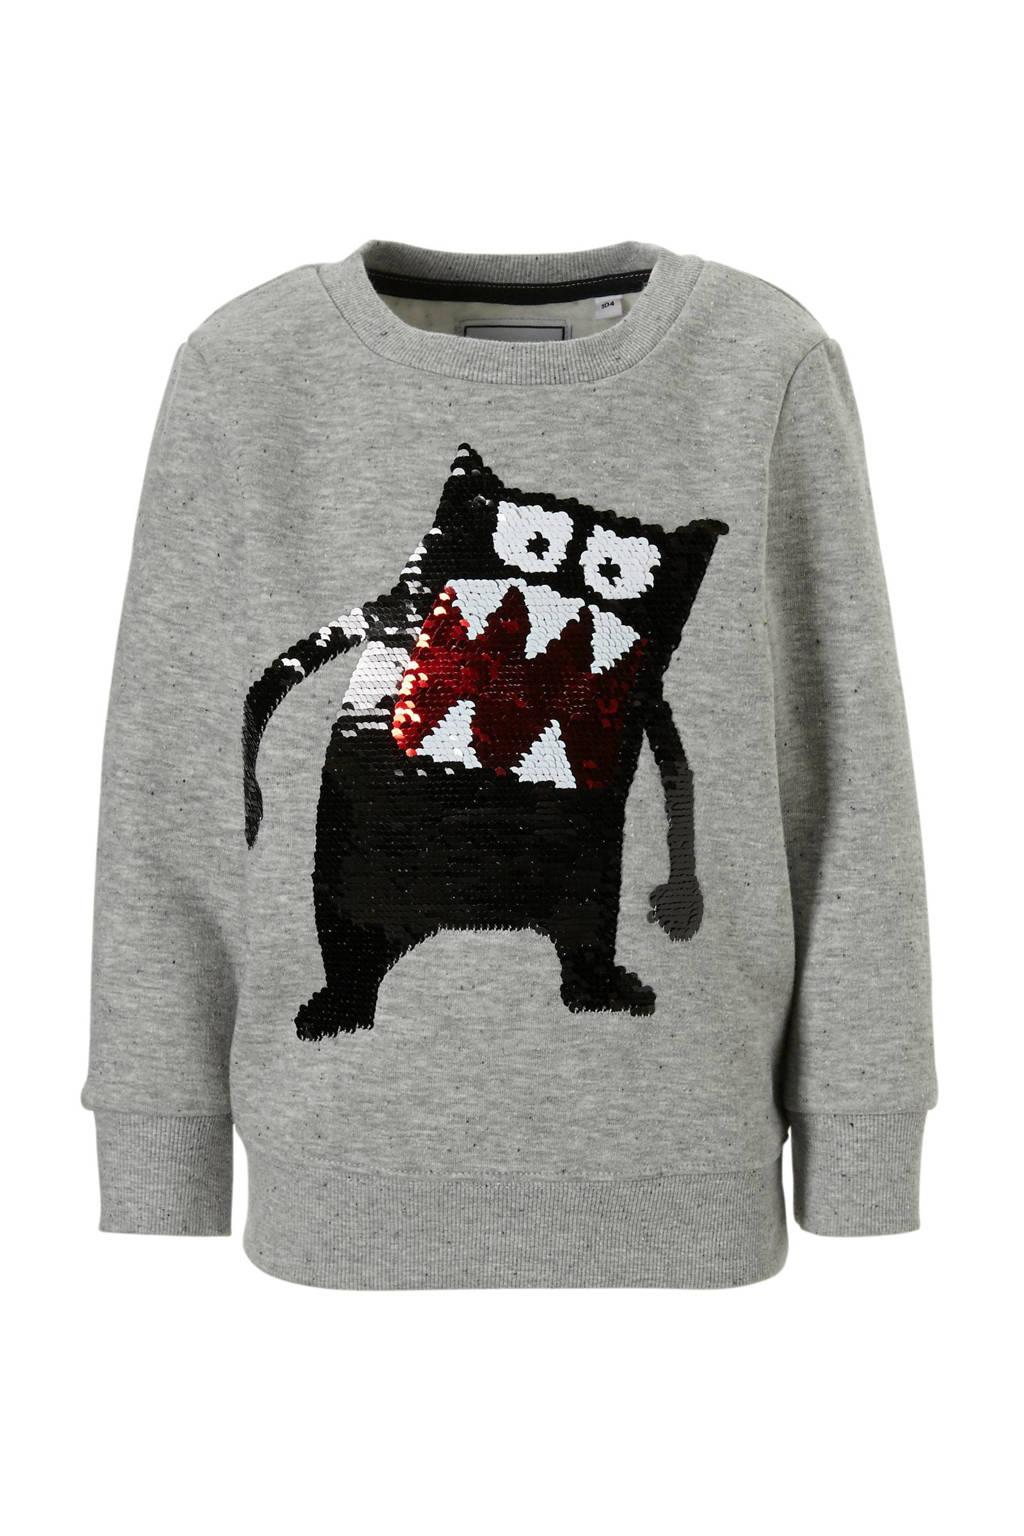 C&A Palomino sweater met omkeerbare pailletten grijs, Grijs melange